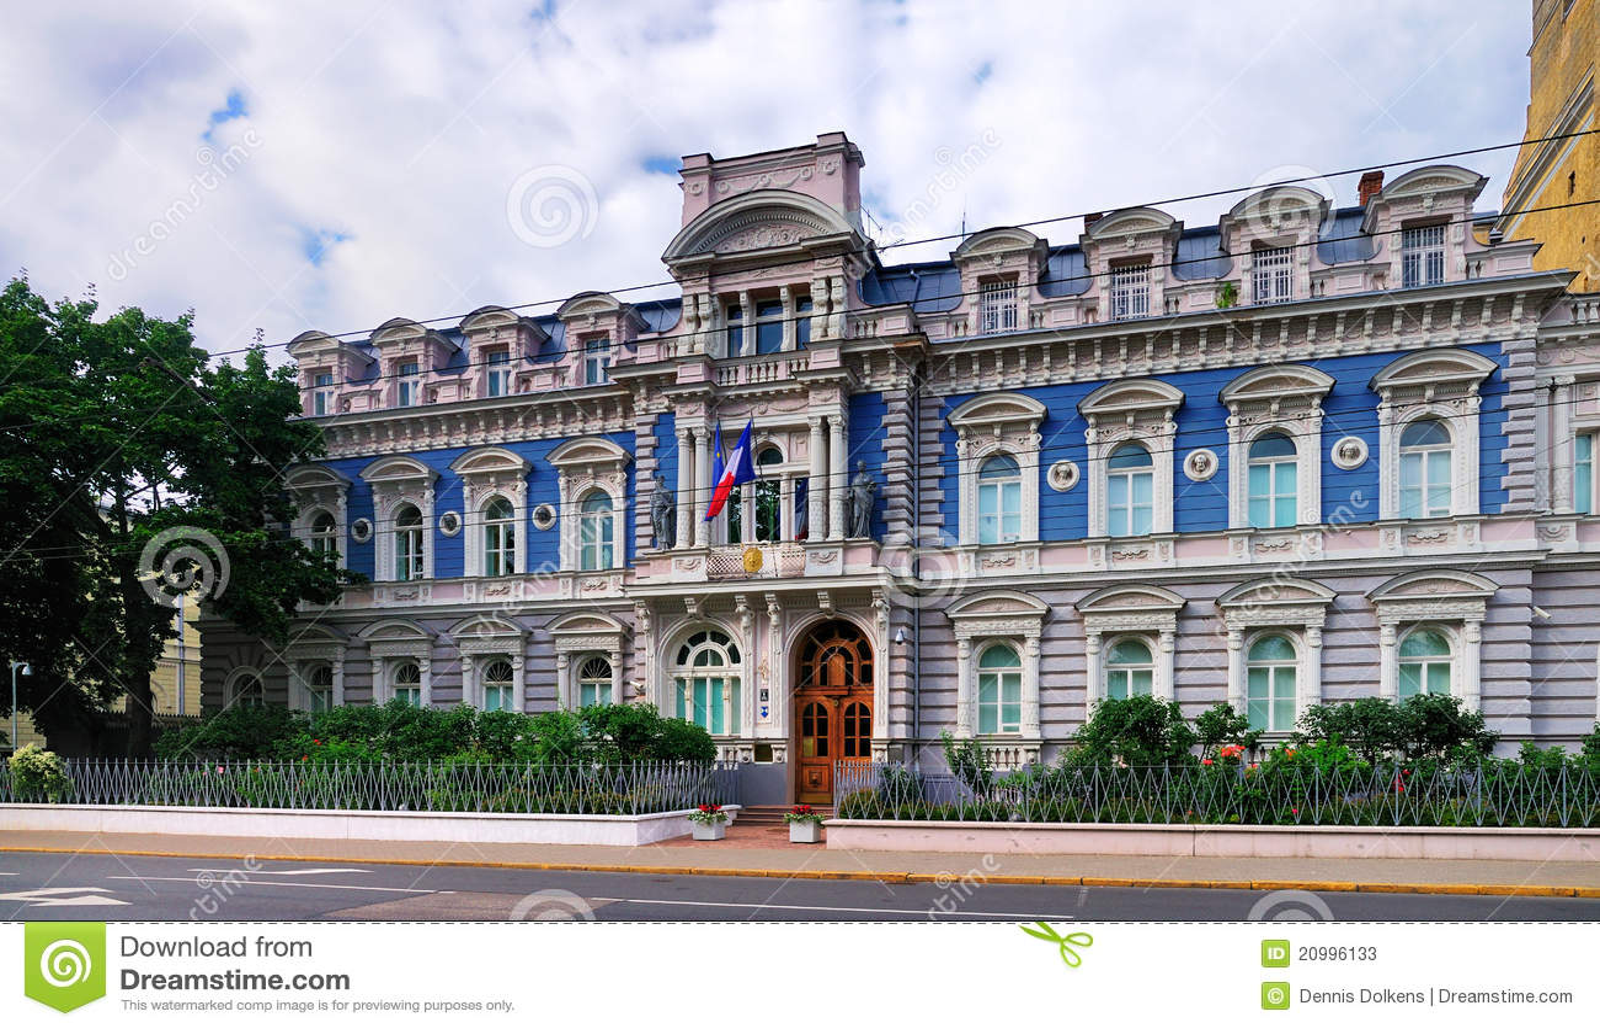 ambassade de france riga image stock image du nuages 20996133. Black Bedroom Furniture Sets. Home Design Ideas